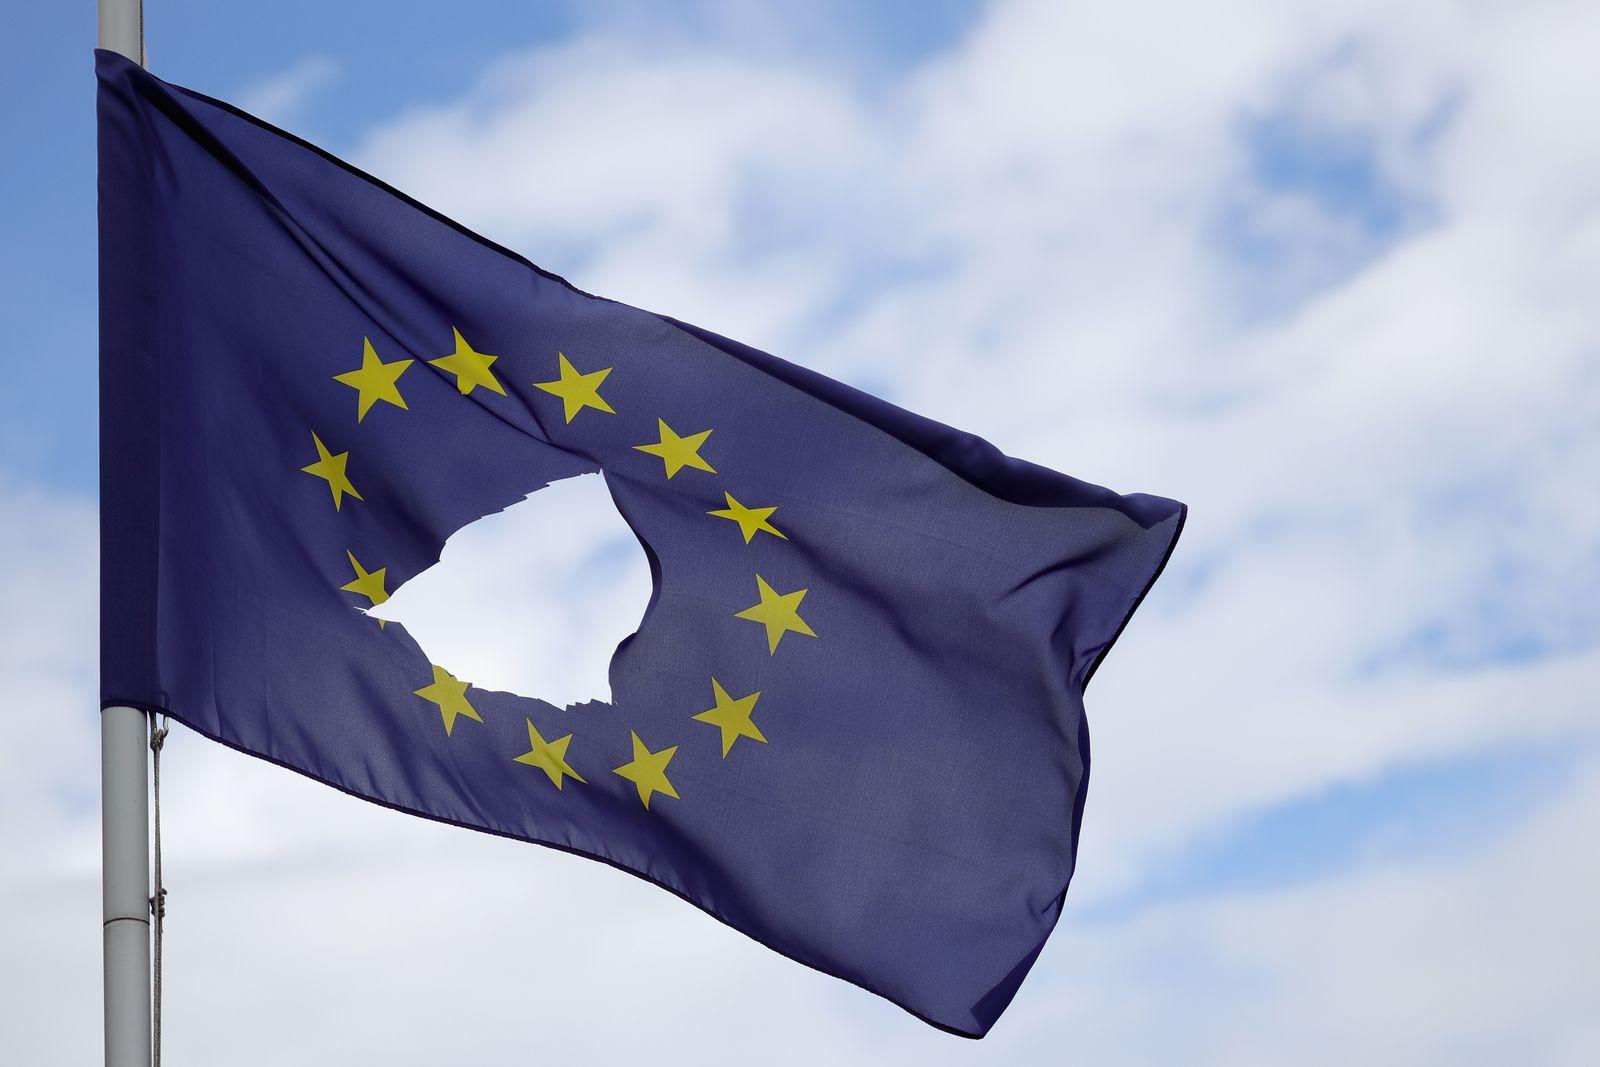 Europa/ EU/ Eurozone